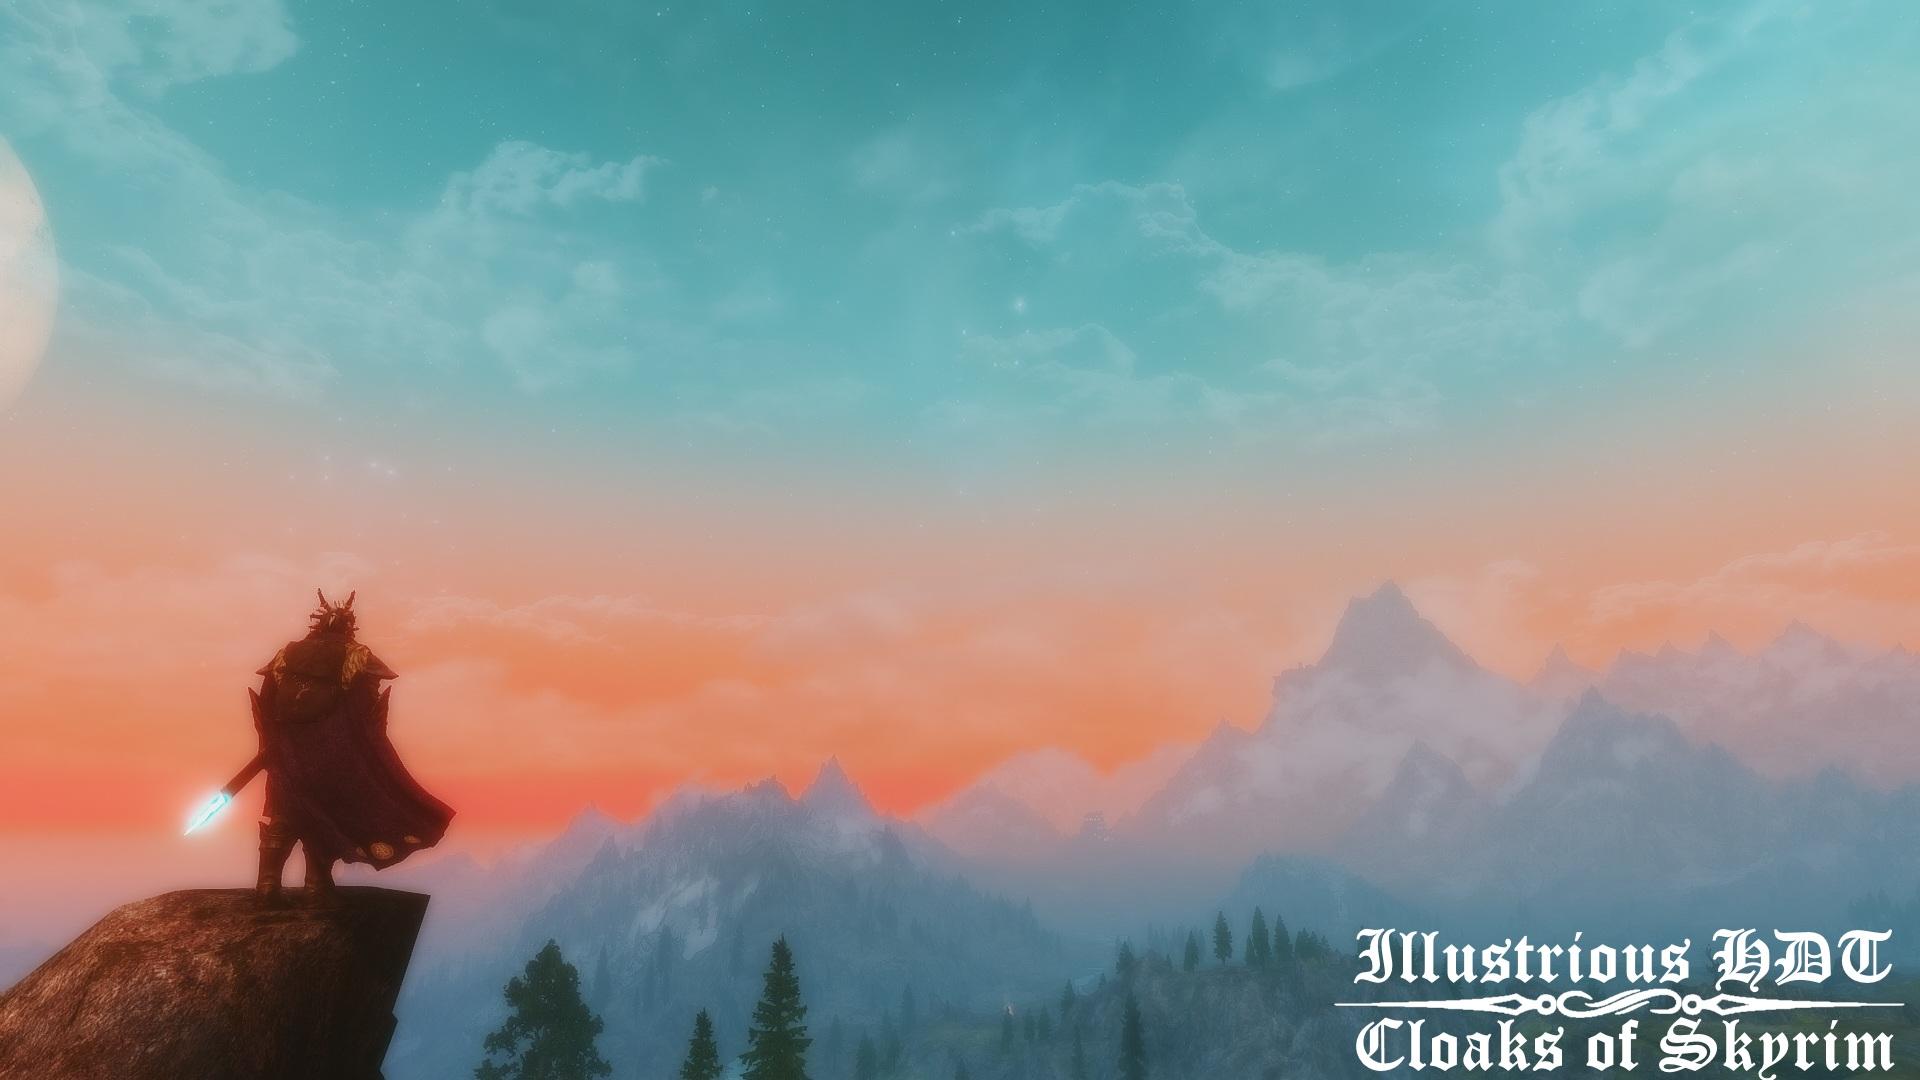 Illustrious_HDT_Cloaks_of_Skyrim.jpg